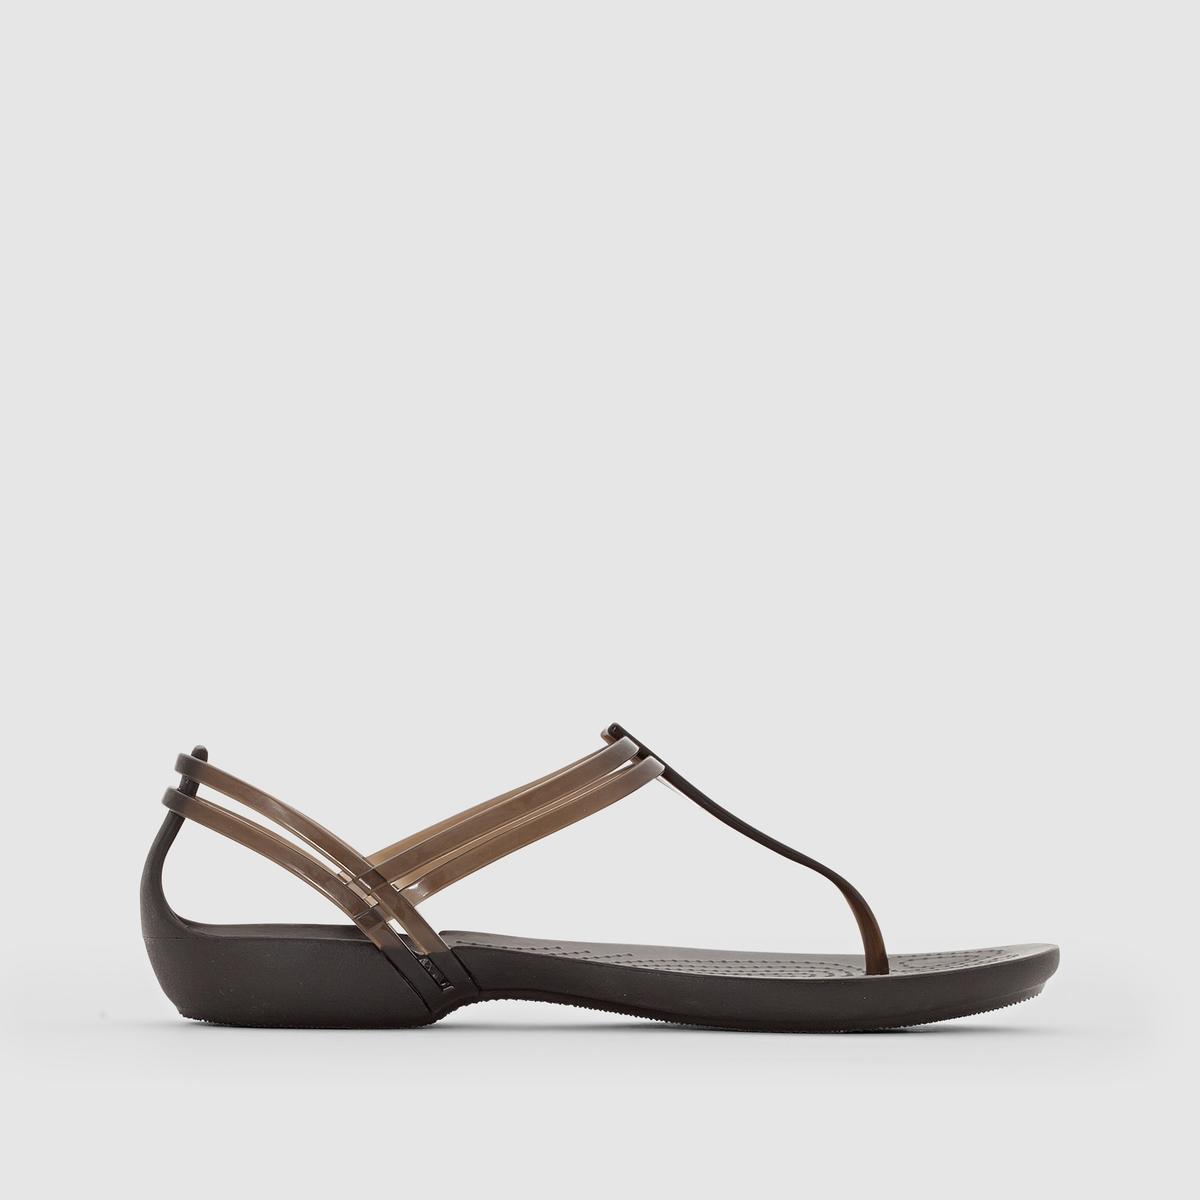 Сандалии ISABELLA T STRAPЛёгкие, яркие и забавные одновременно плоские сандалии с перемычкой между пальцами... обеспечат вам комфортное лето.      Полупрозрачный и исключительно мягкий термопластик повторяет форму ноги, а подошва из резины Croslite™ гарантирует комфорт, которым славится и ценится Crocs.<br><br>Цвет: черный